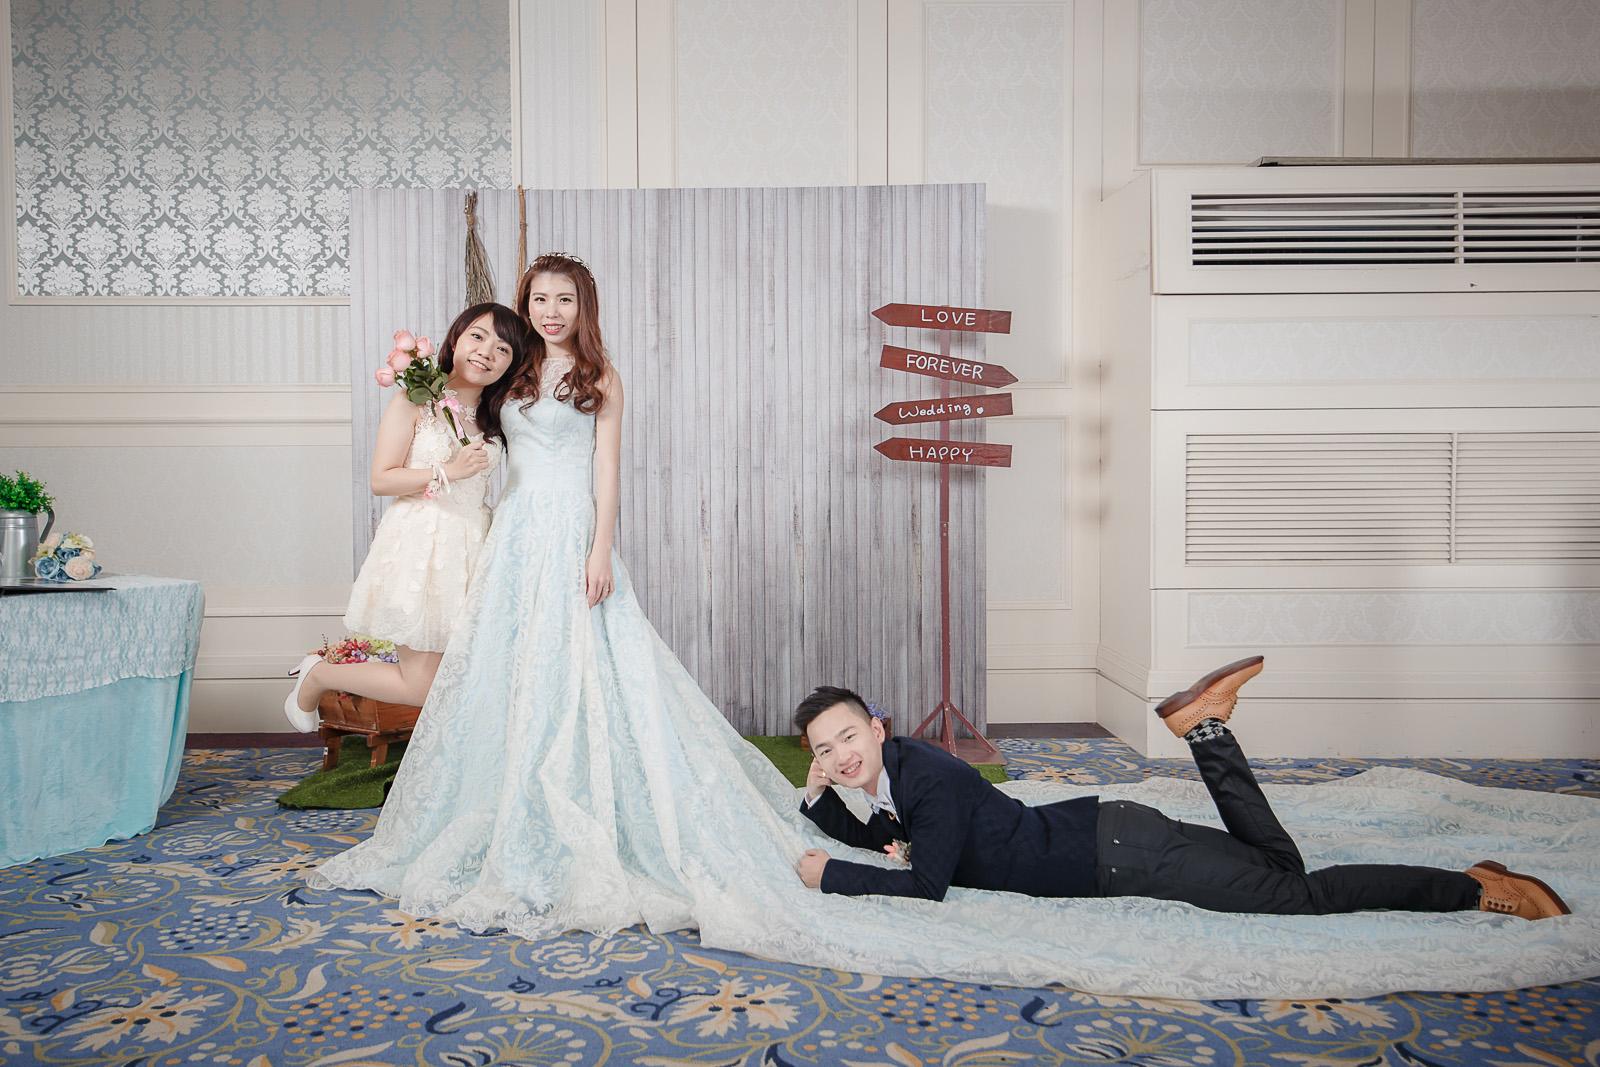 高雄圓山飯店,婚禮攝影,婚攝,高雄婚攝,優質婚攝推薦,Jen&Ethan-344